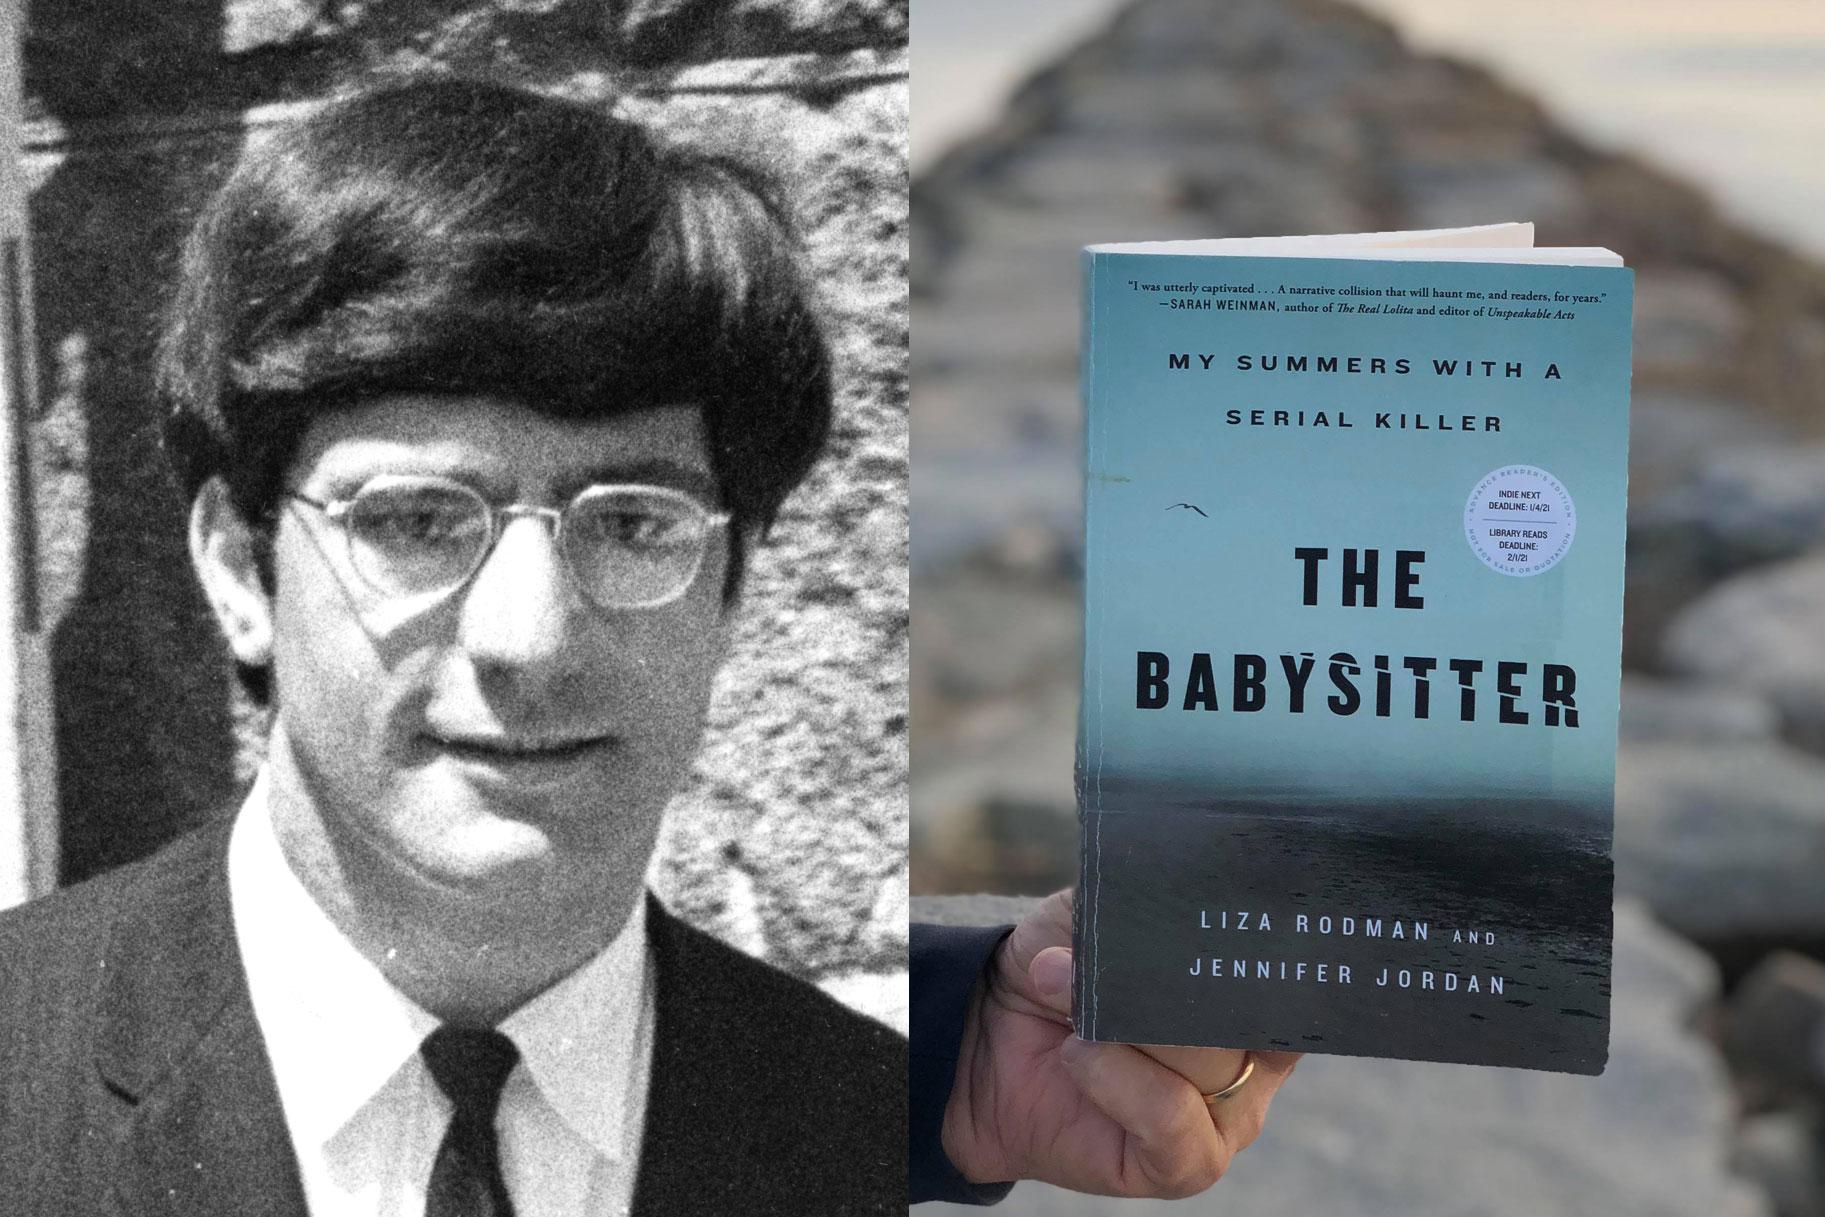 La autora relata su impactante pincel con un asesino en serie en 'The Babysitter'